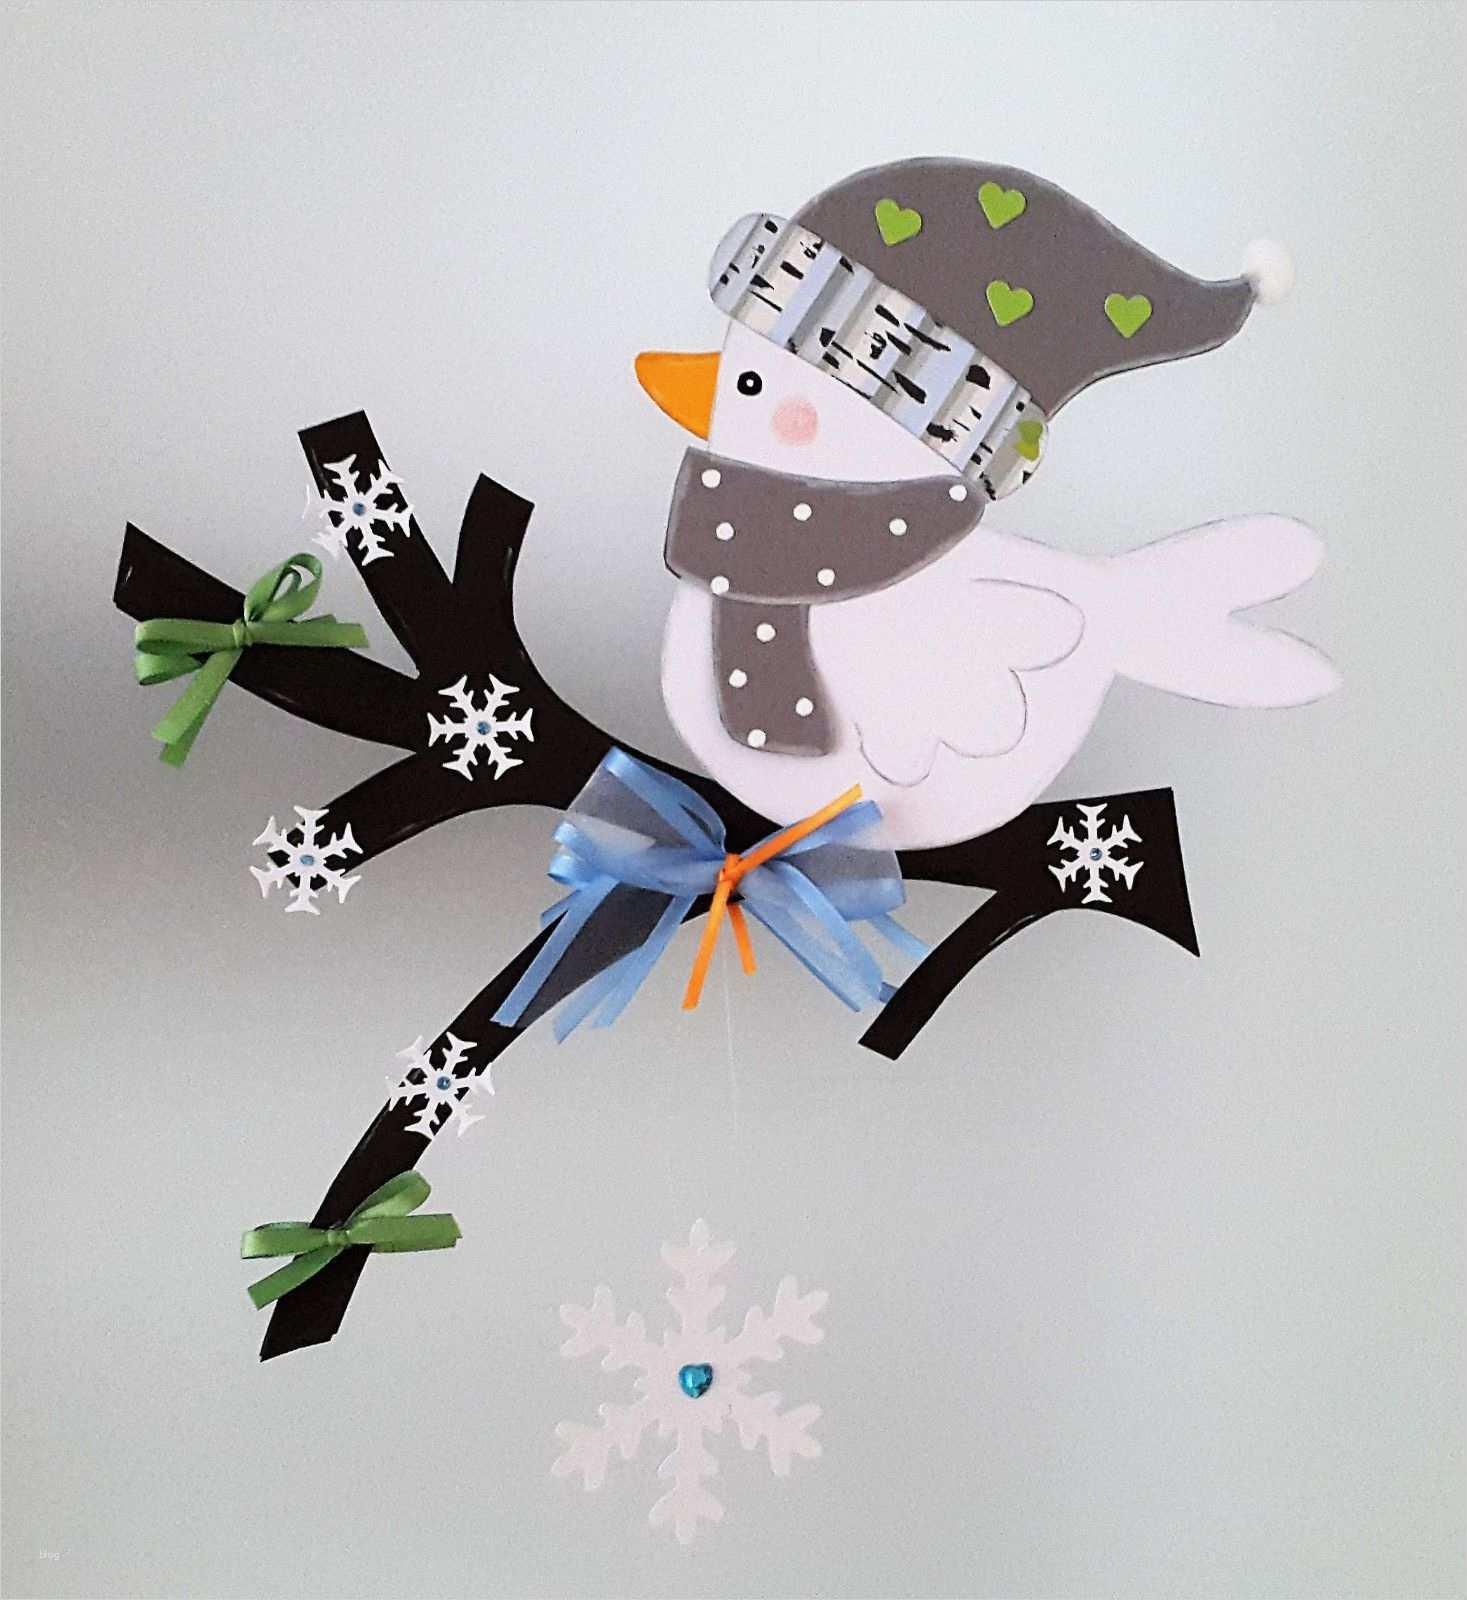 fensterbilder winter vorlagen elegant fensterbild vogel